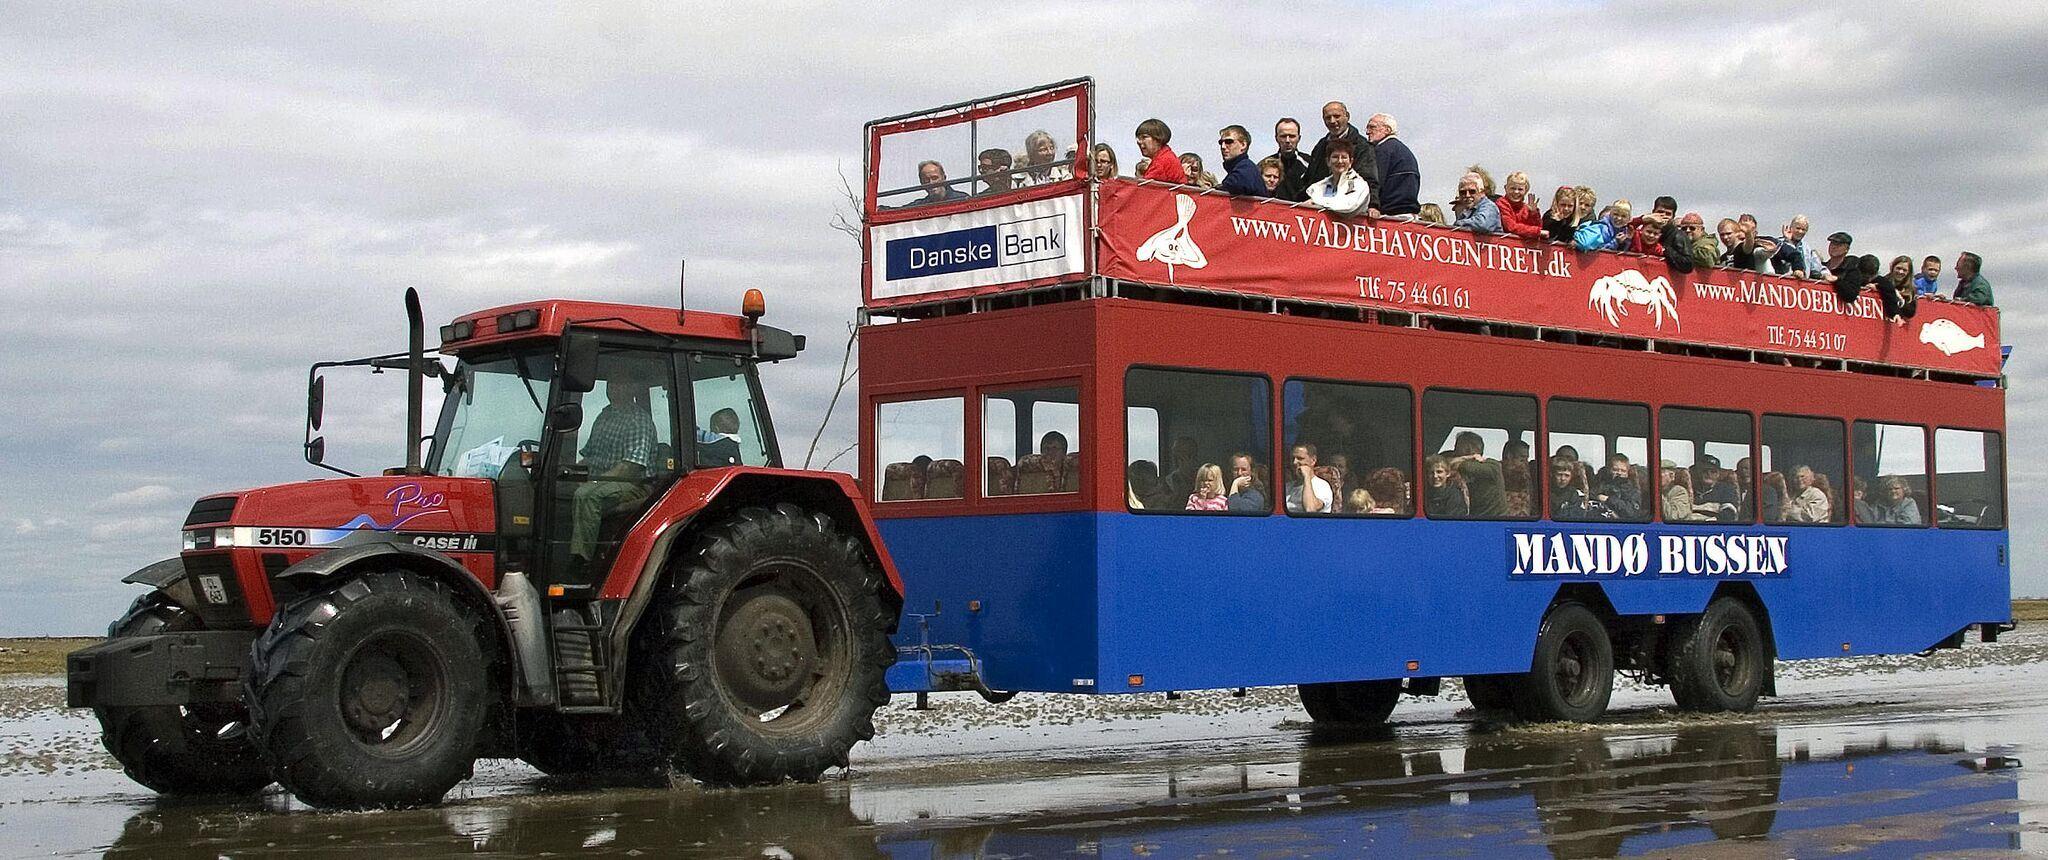 Østers & champagnetur med Mandø Event